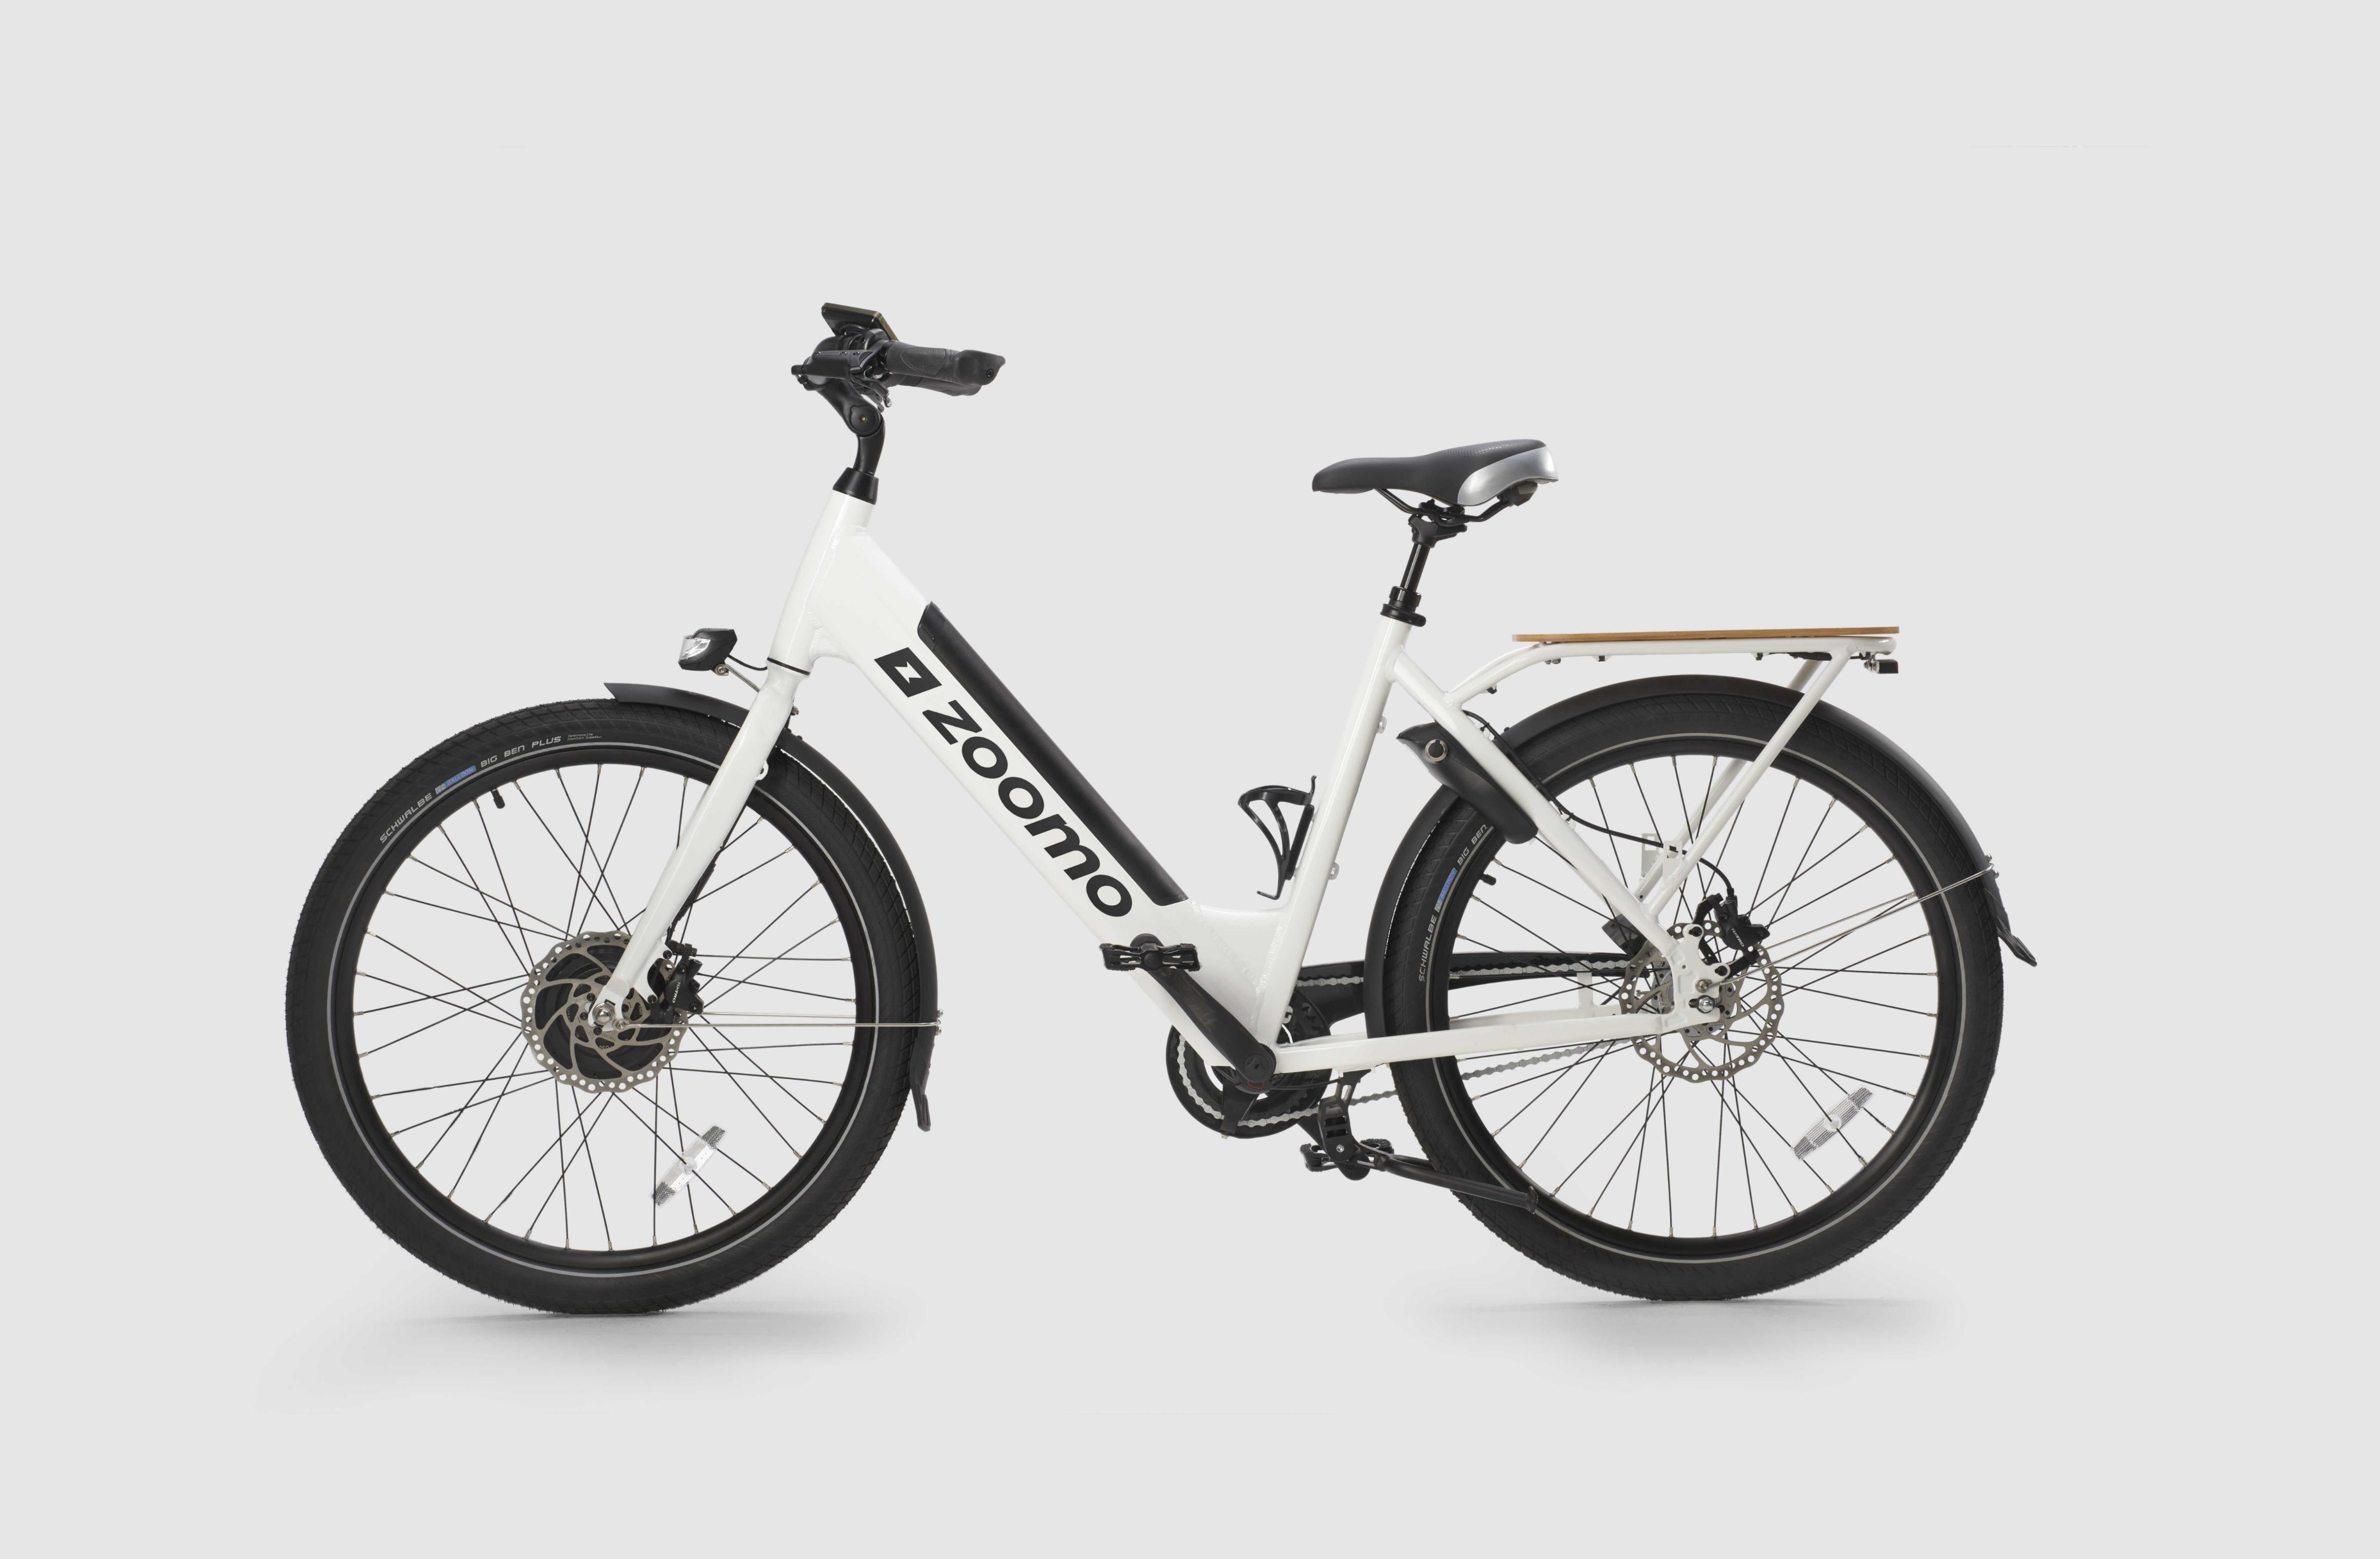 Zoomo Zero E-bike